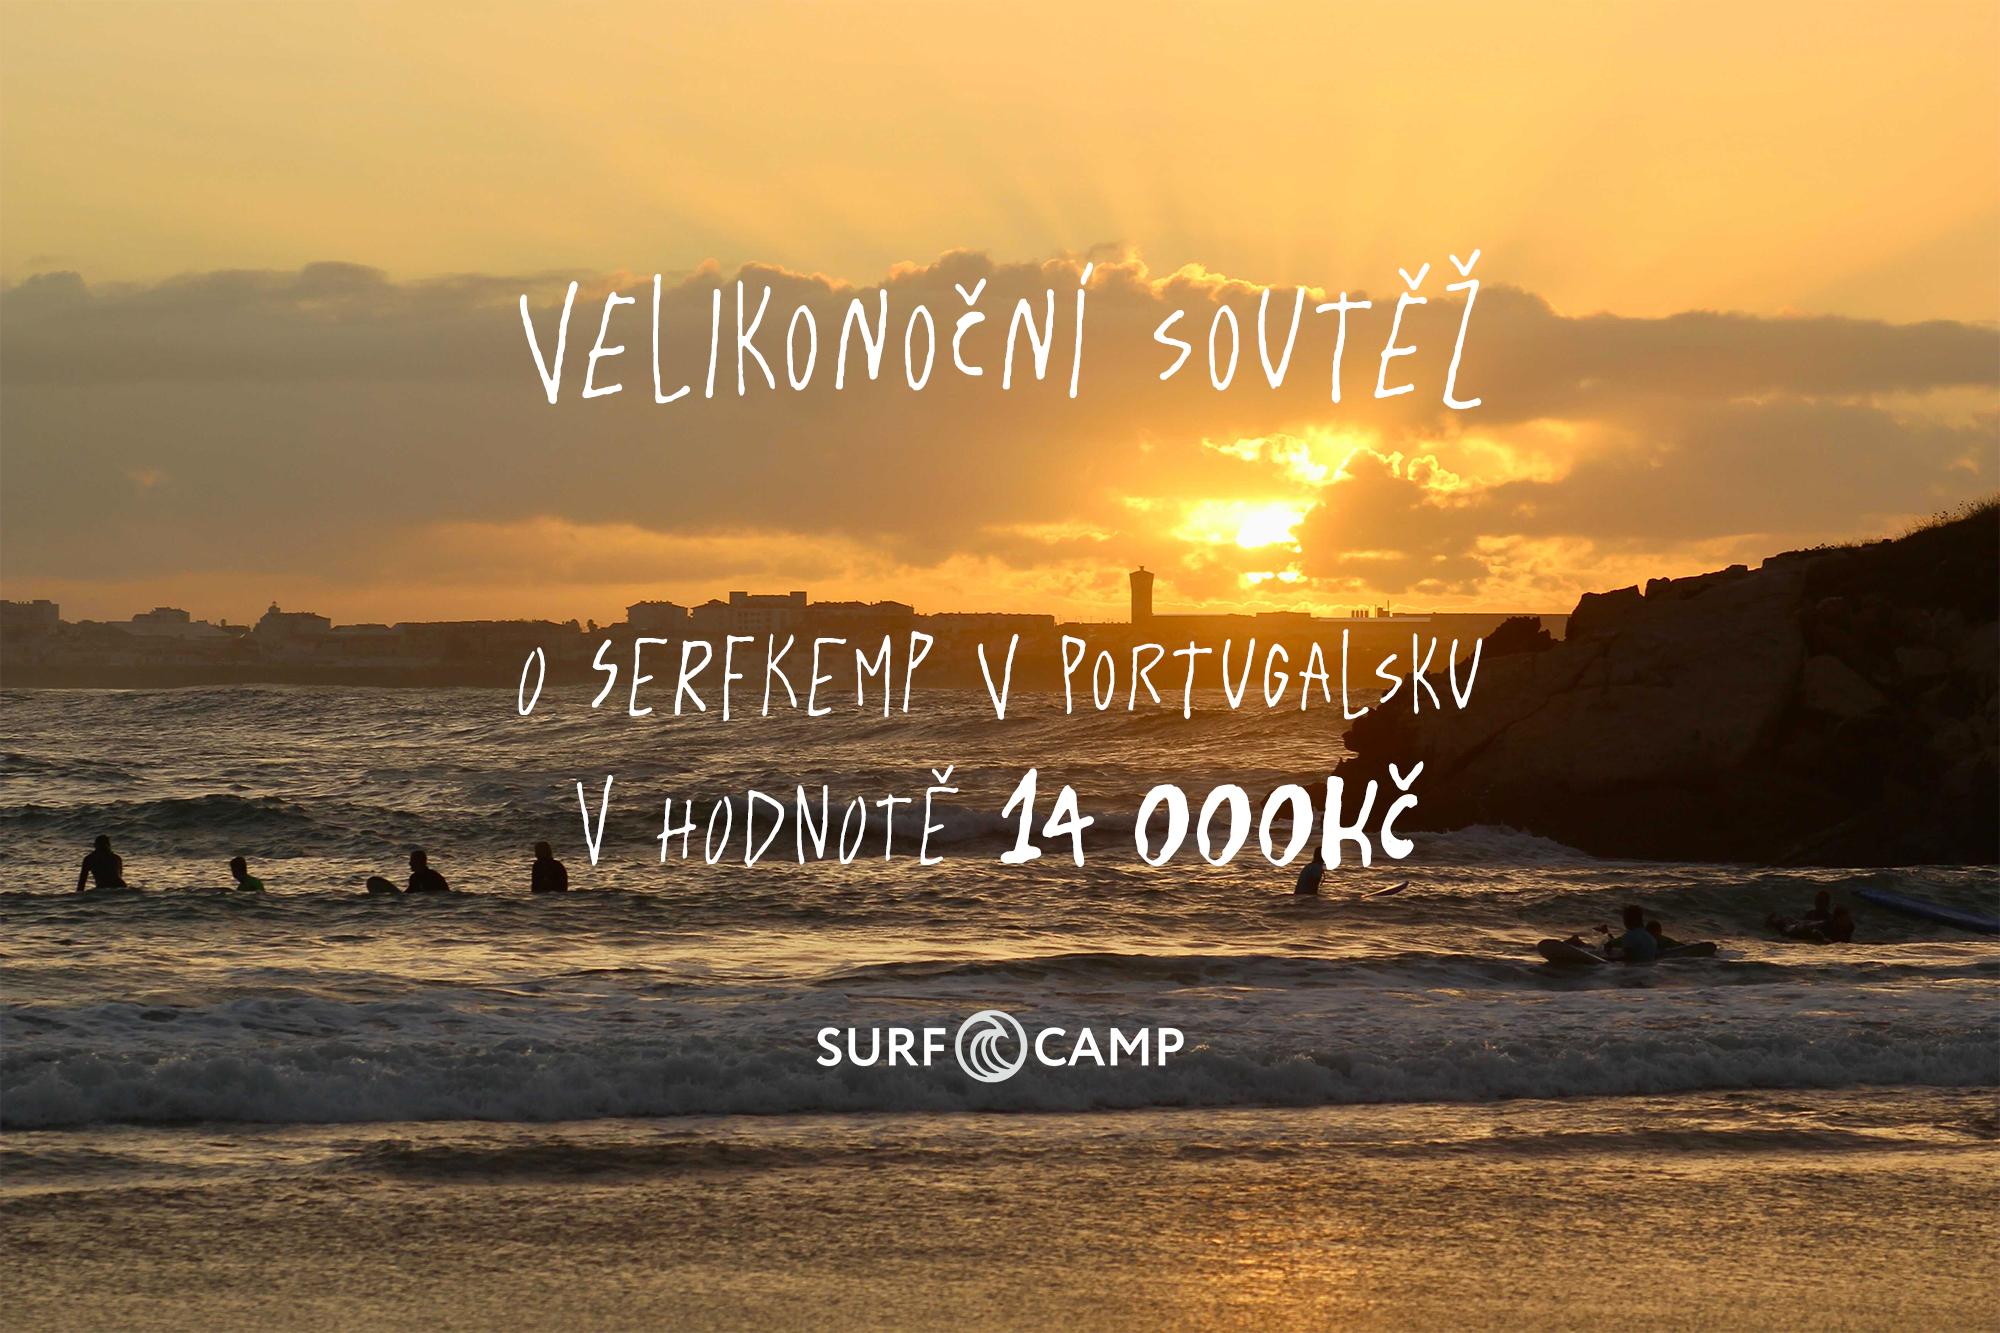 Velká velikonoční soutěž o surfcamp v Portugalsku